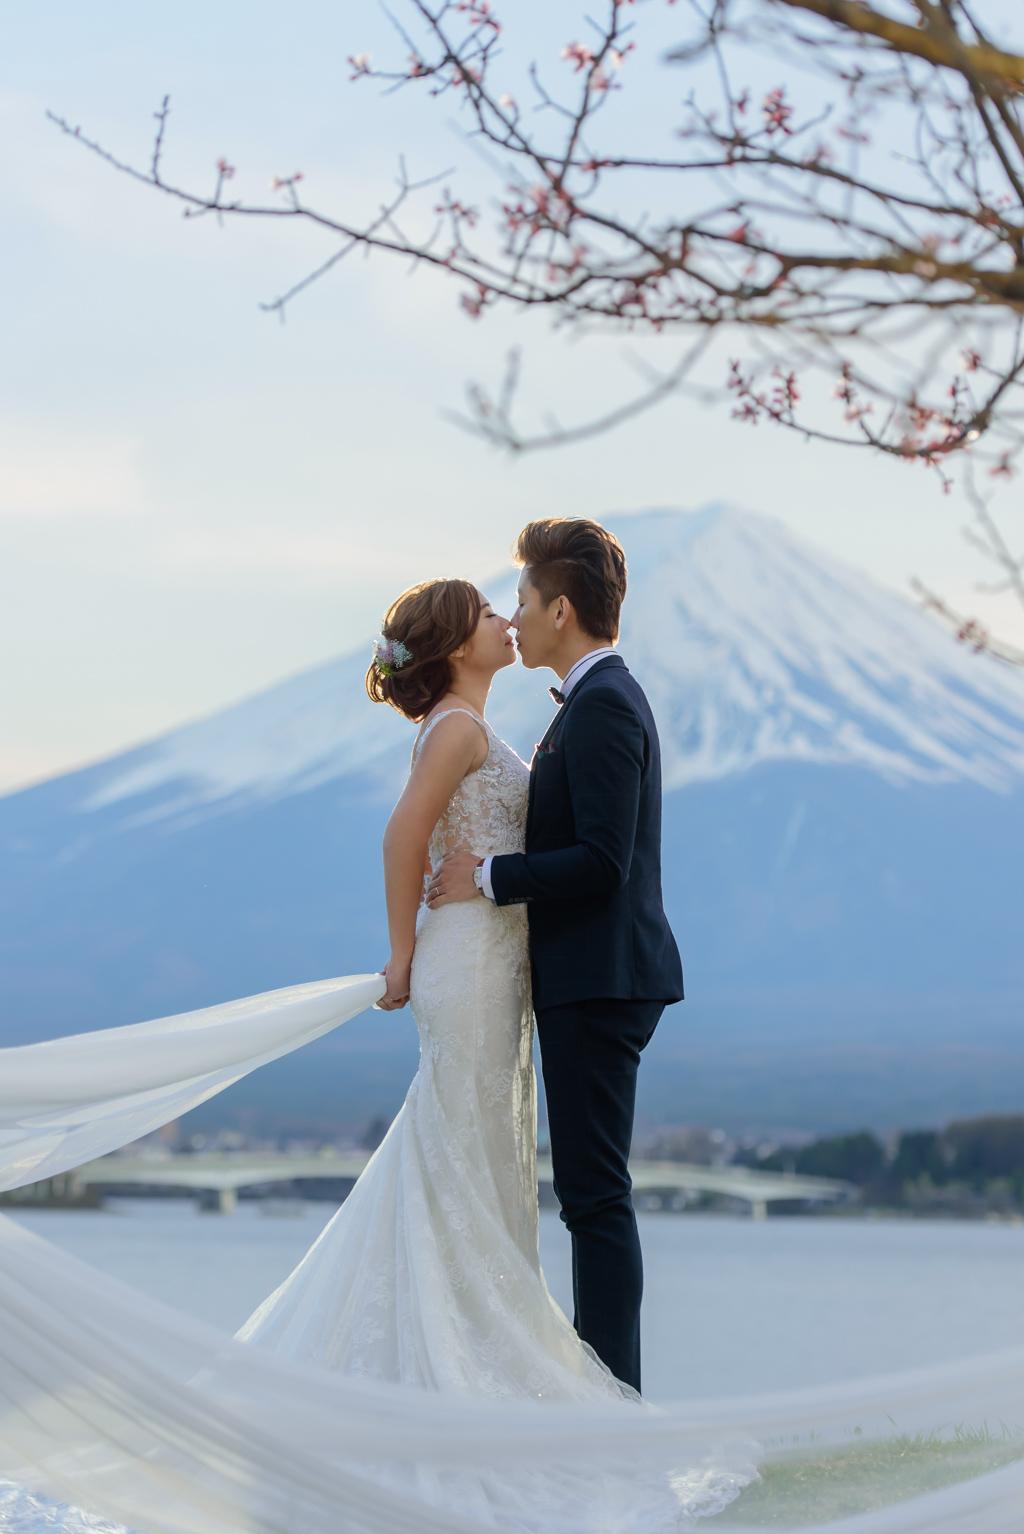 婚攝小勇,小寶團隊, Niniko, 自助婚紗, 海外婚紗,河口湖,櫻花,富士山-018